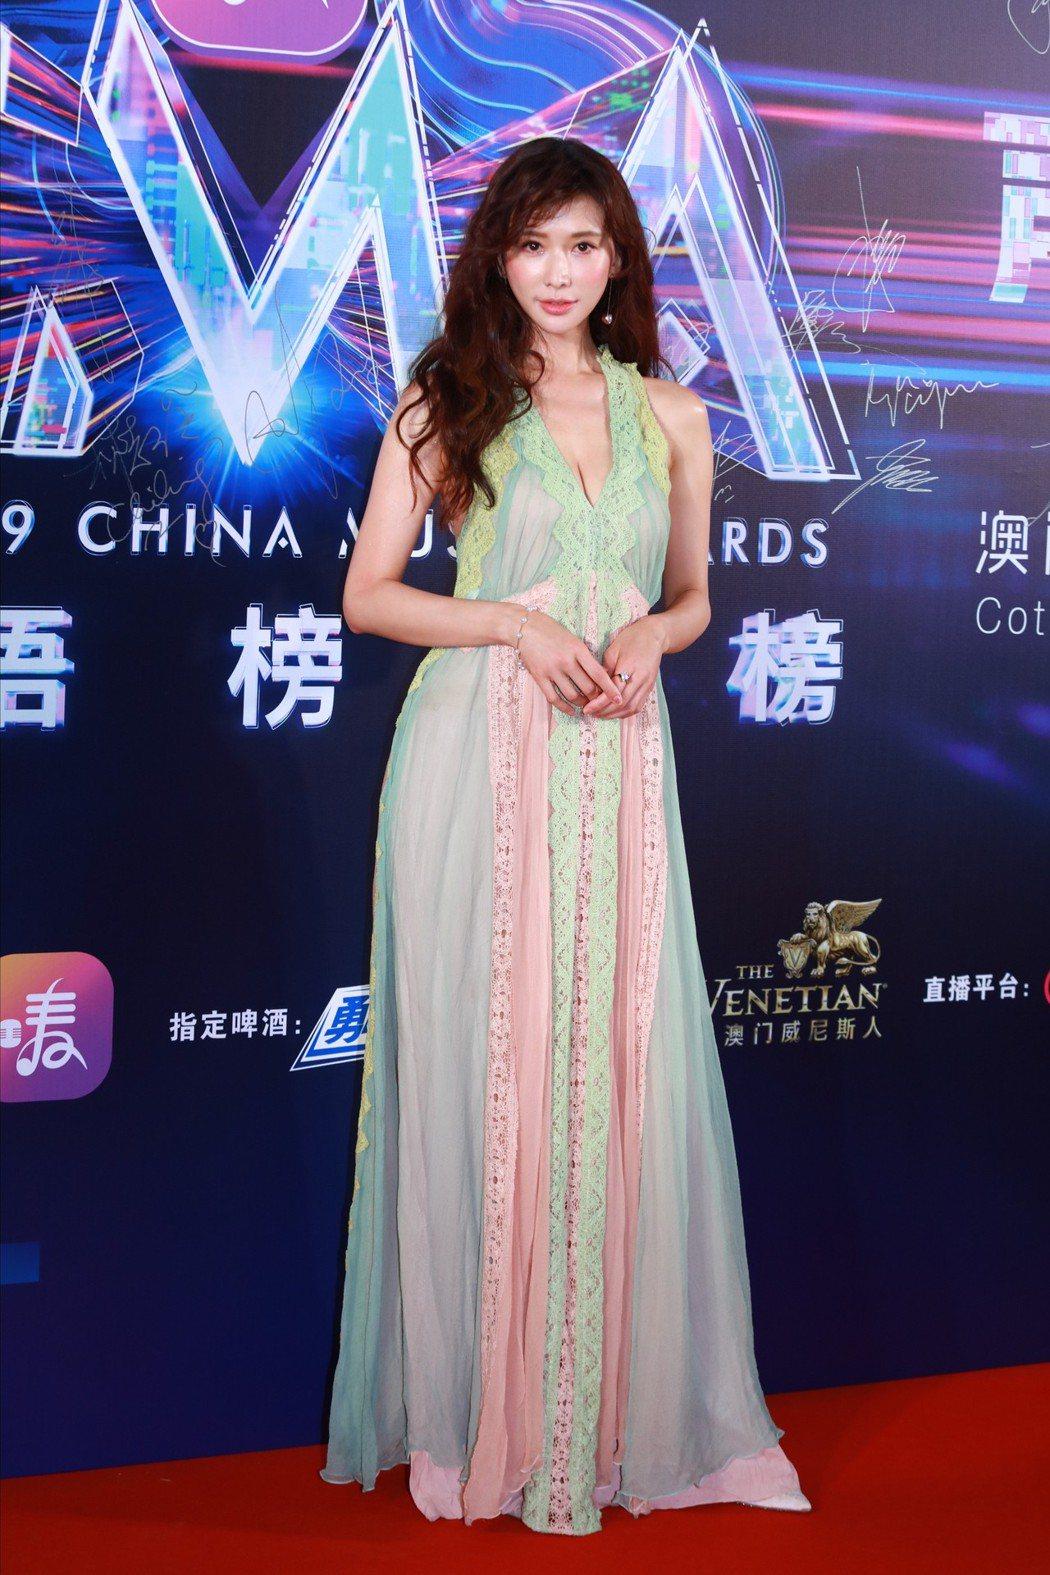 女神林志玲現身香港全球華語榜中榜暨亞洲影響力盛典。圖/達志影像